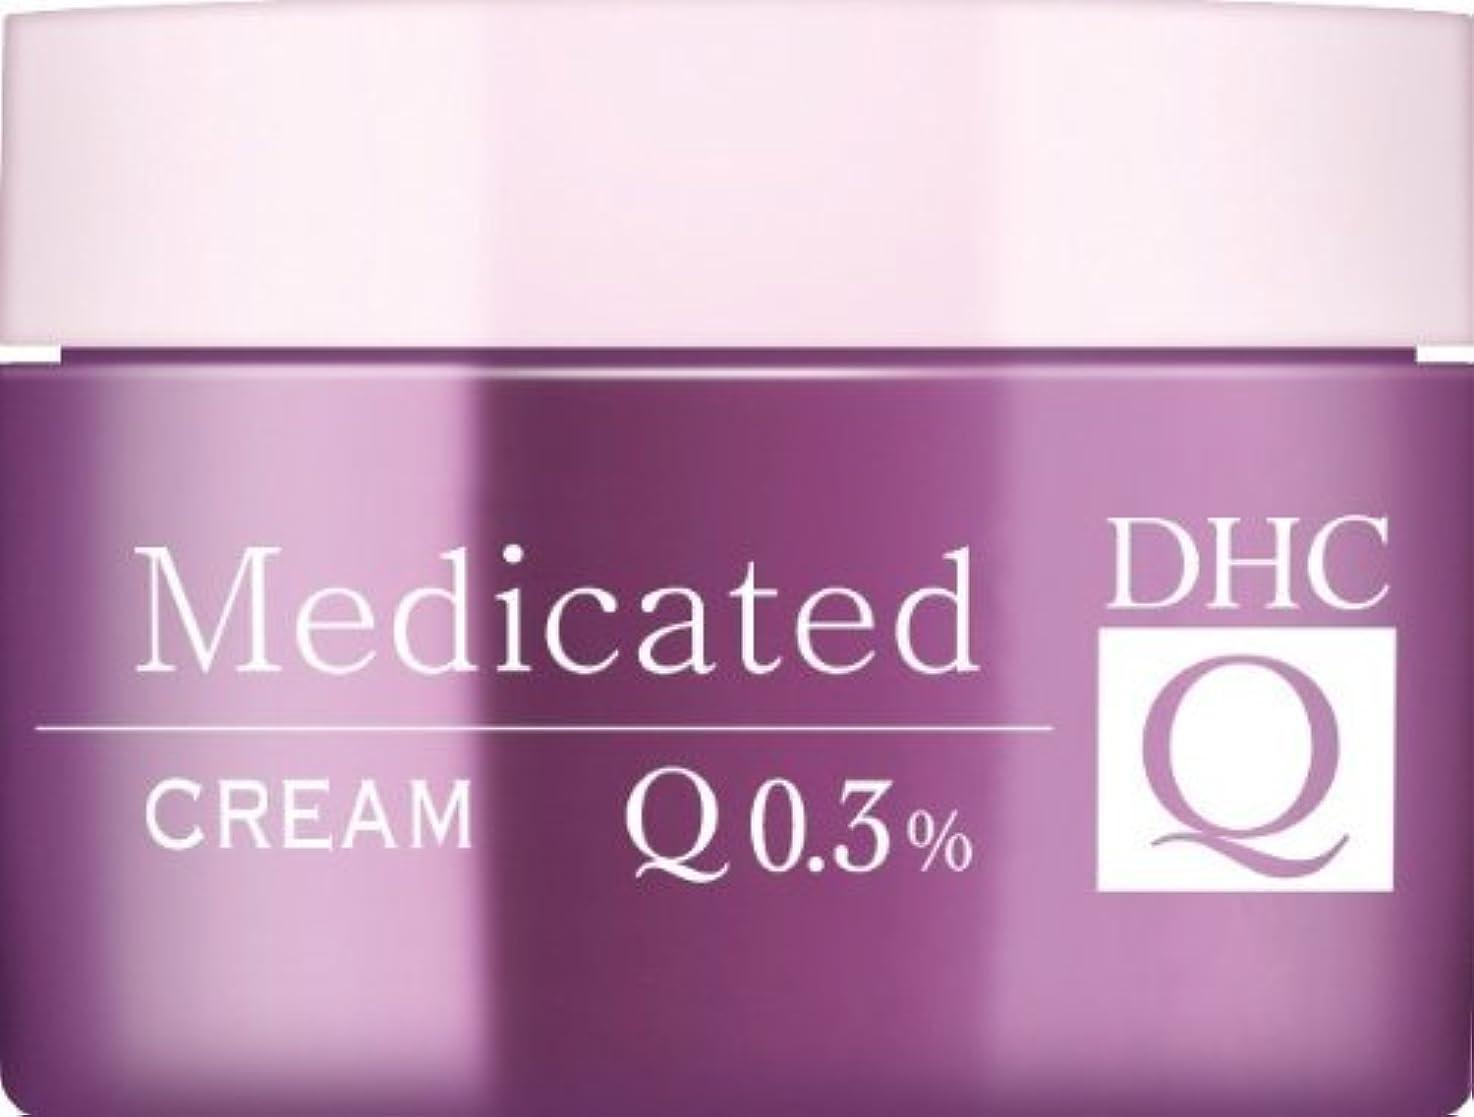 ファンあいまいさ重要性DHC(ディーエイチシー) 薬用Qフェースクリーム(SS) 23g